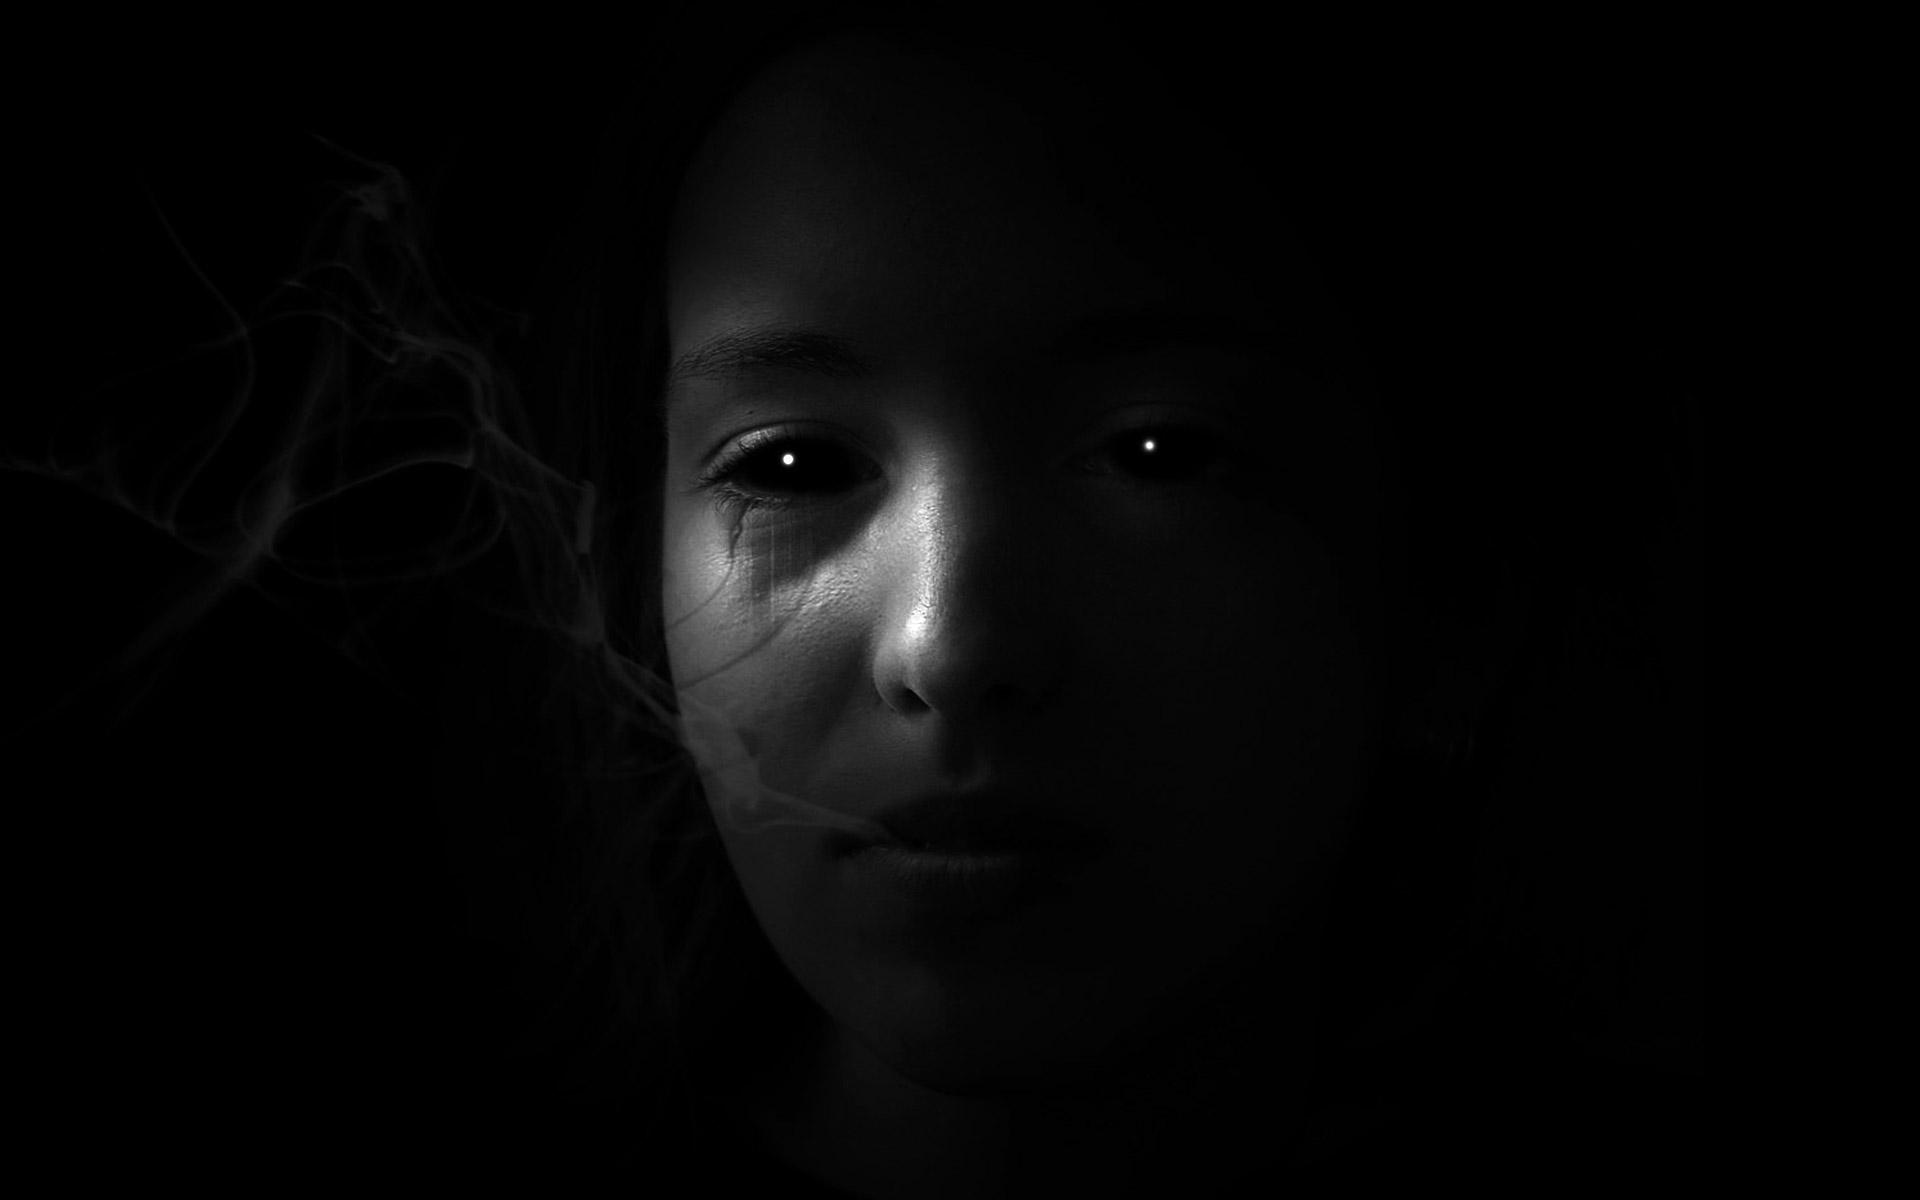 家族を全滅させた母…ジェイニー・ギブス - 本当にあった閲覧注意